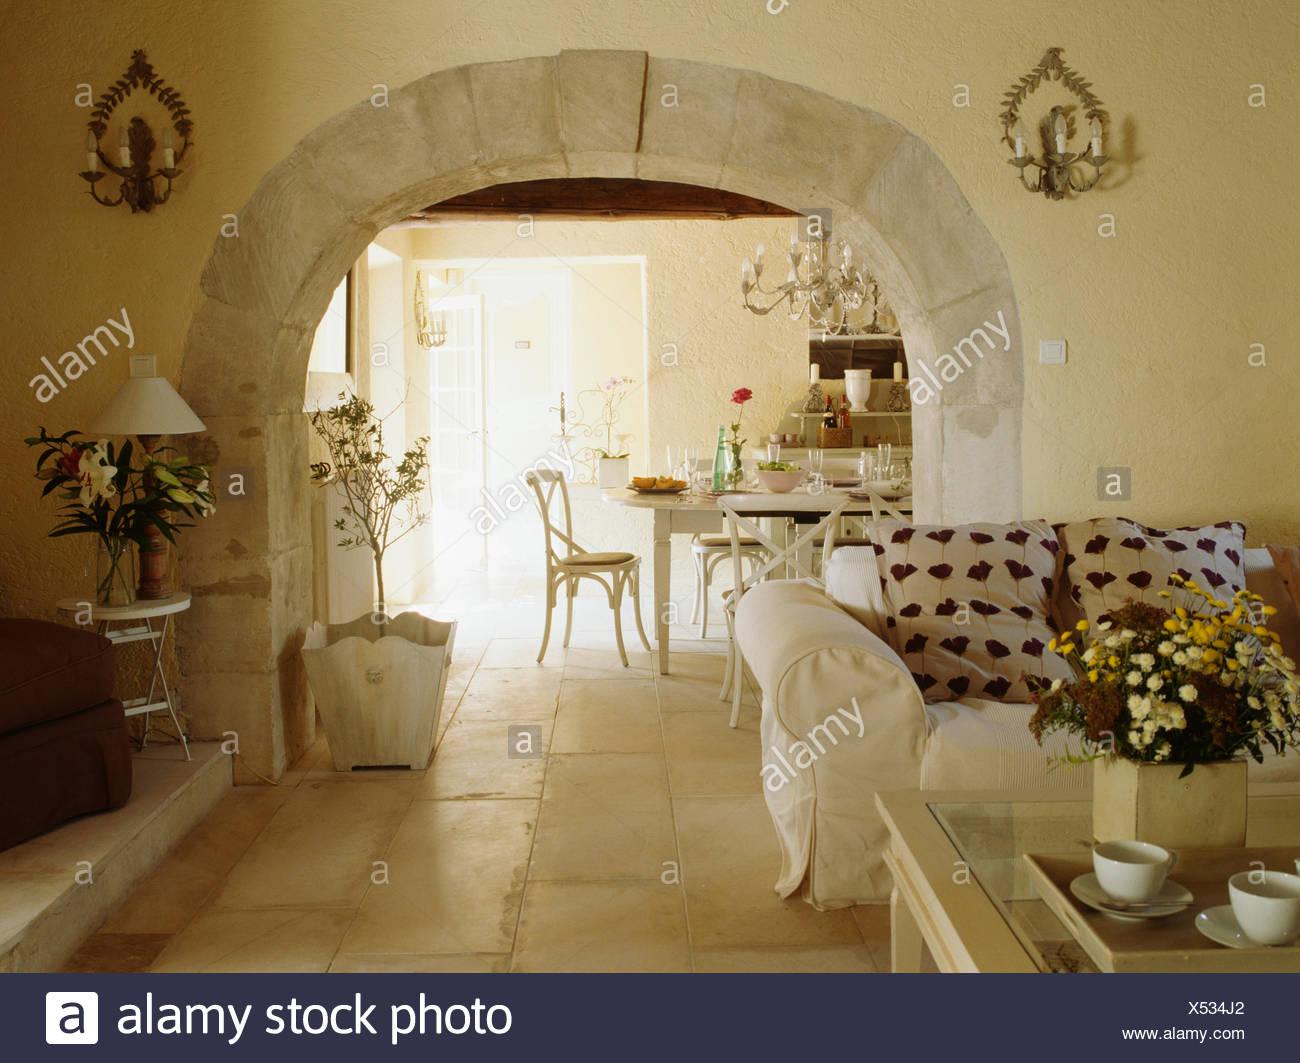 Steinböden in französischer Landhaus-Wohnzimmer mit weißen Sofa